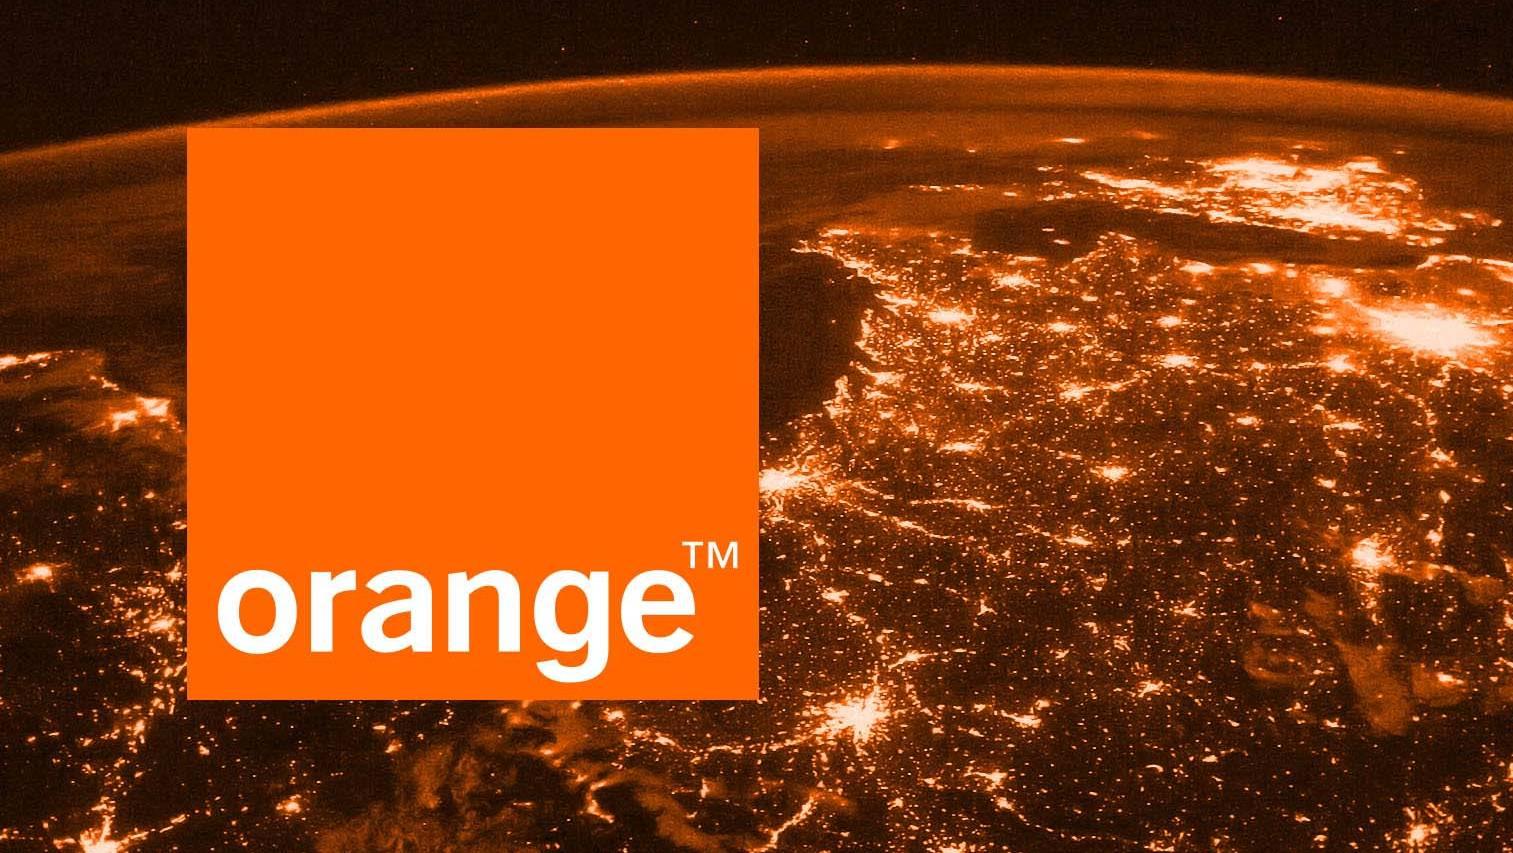 Orange. Telefoanele Mobile din Magazinul Online au Ofertele Grozave de care sa Profiti